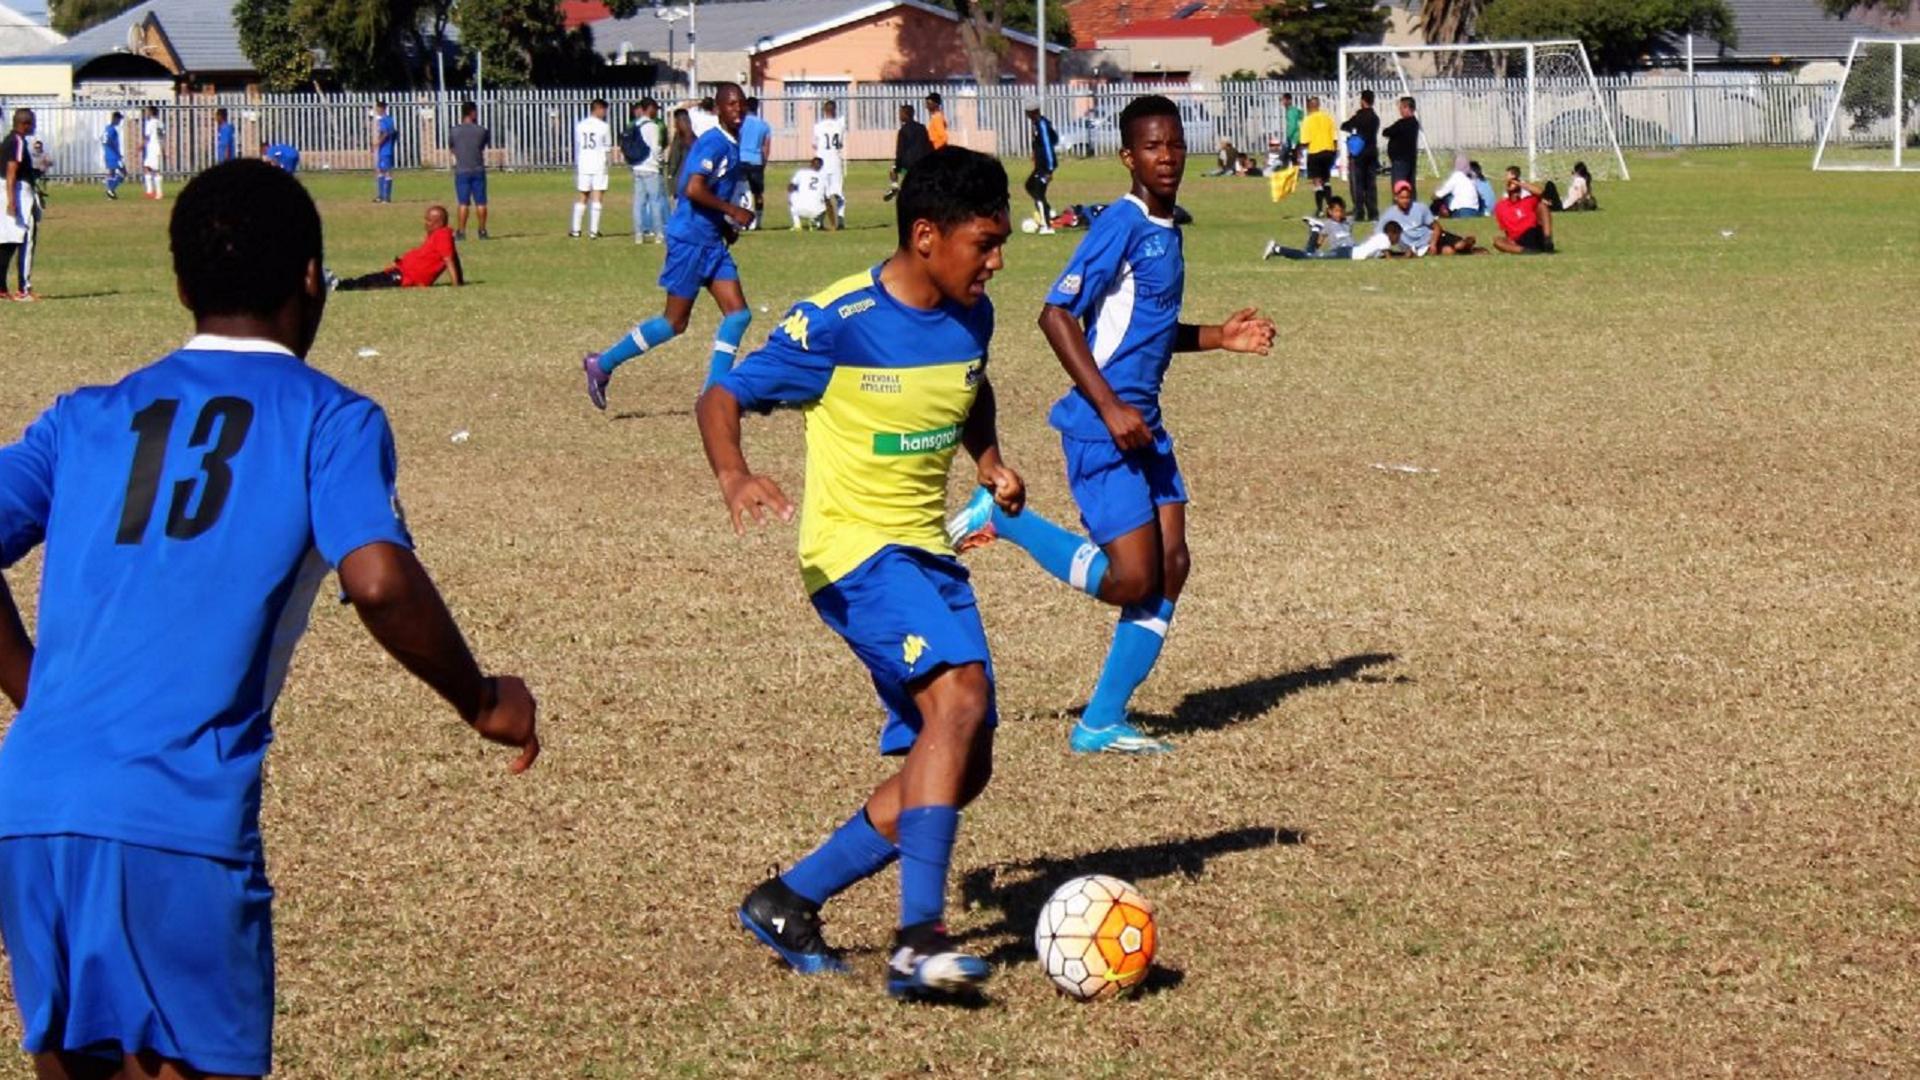 Lance Weaver, Young Bafana